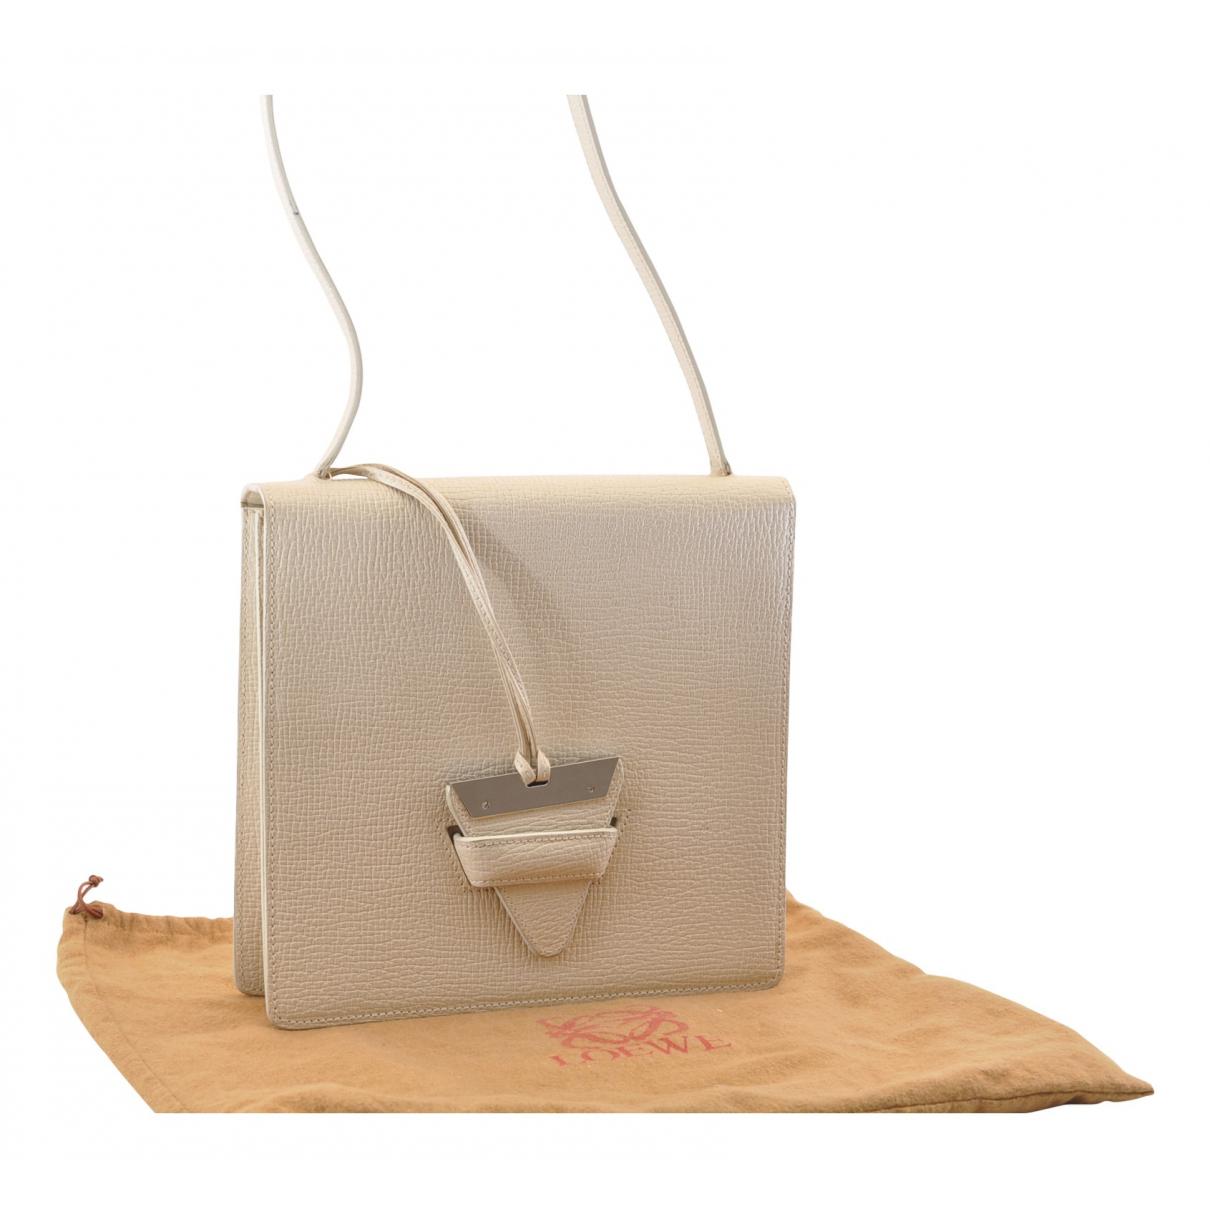 Loewe Barcelona White Leather handbag for Women N